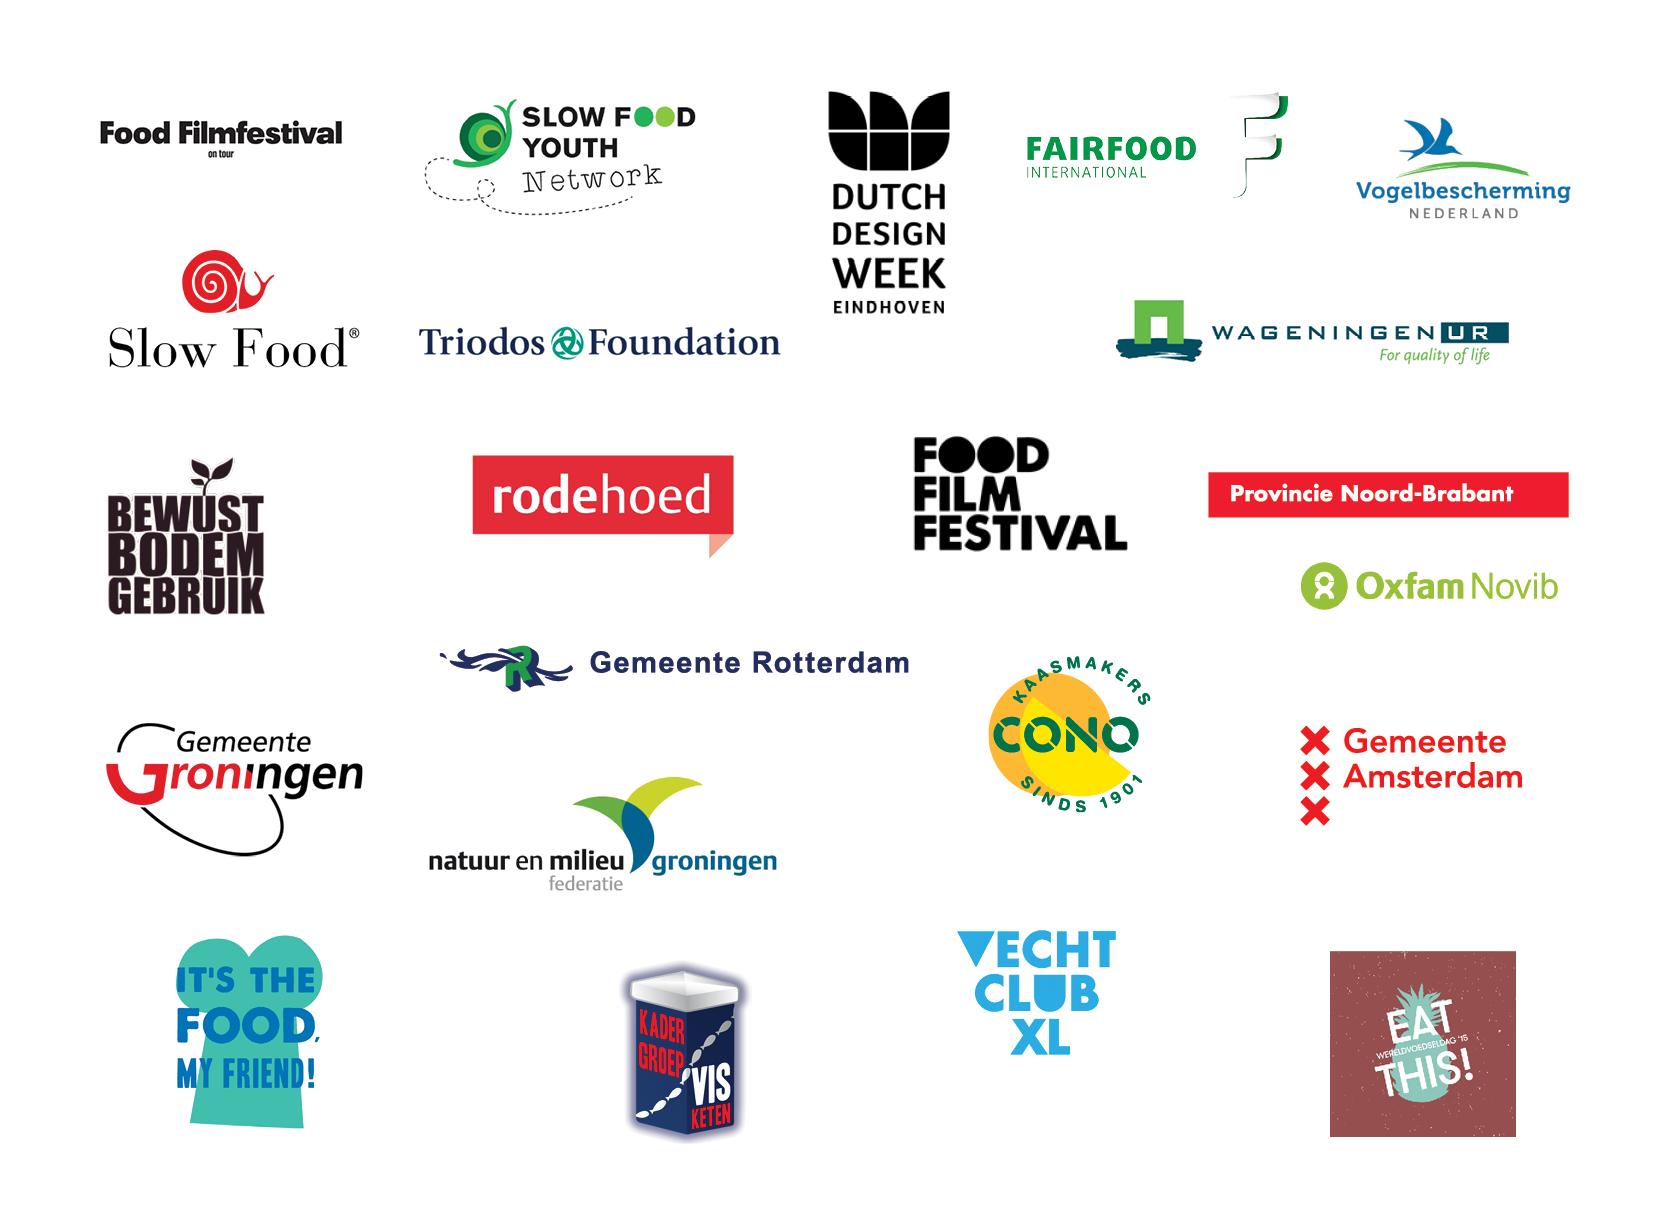 Met wie heeft YFM samengewerkt in 2015?